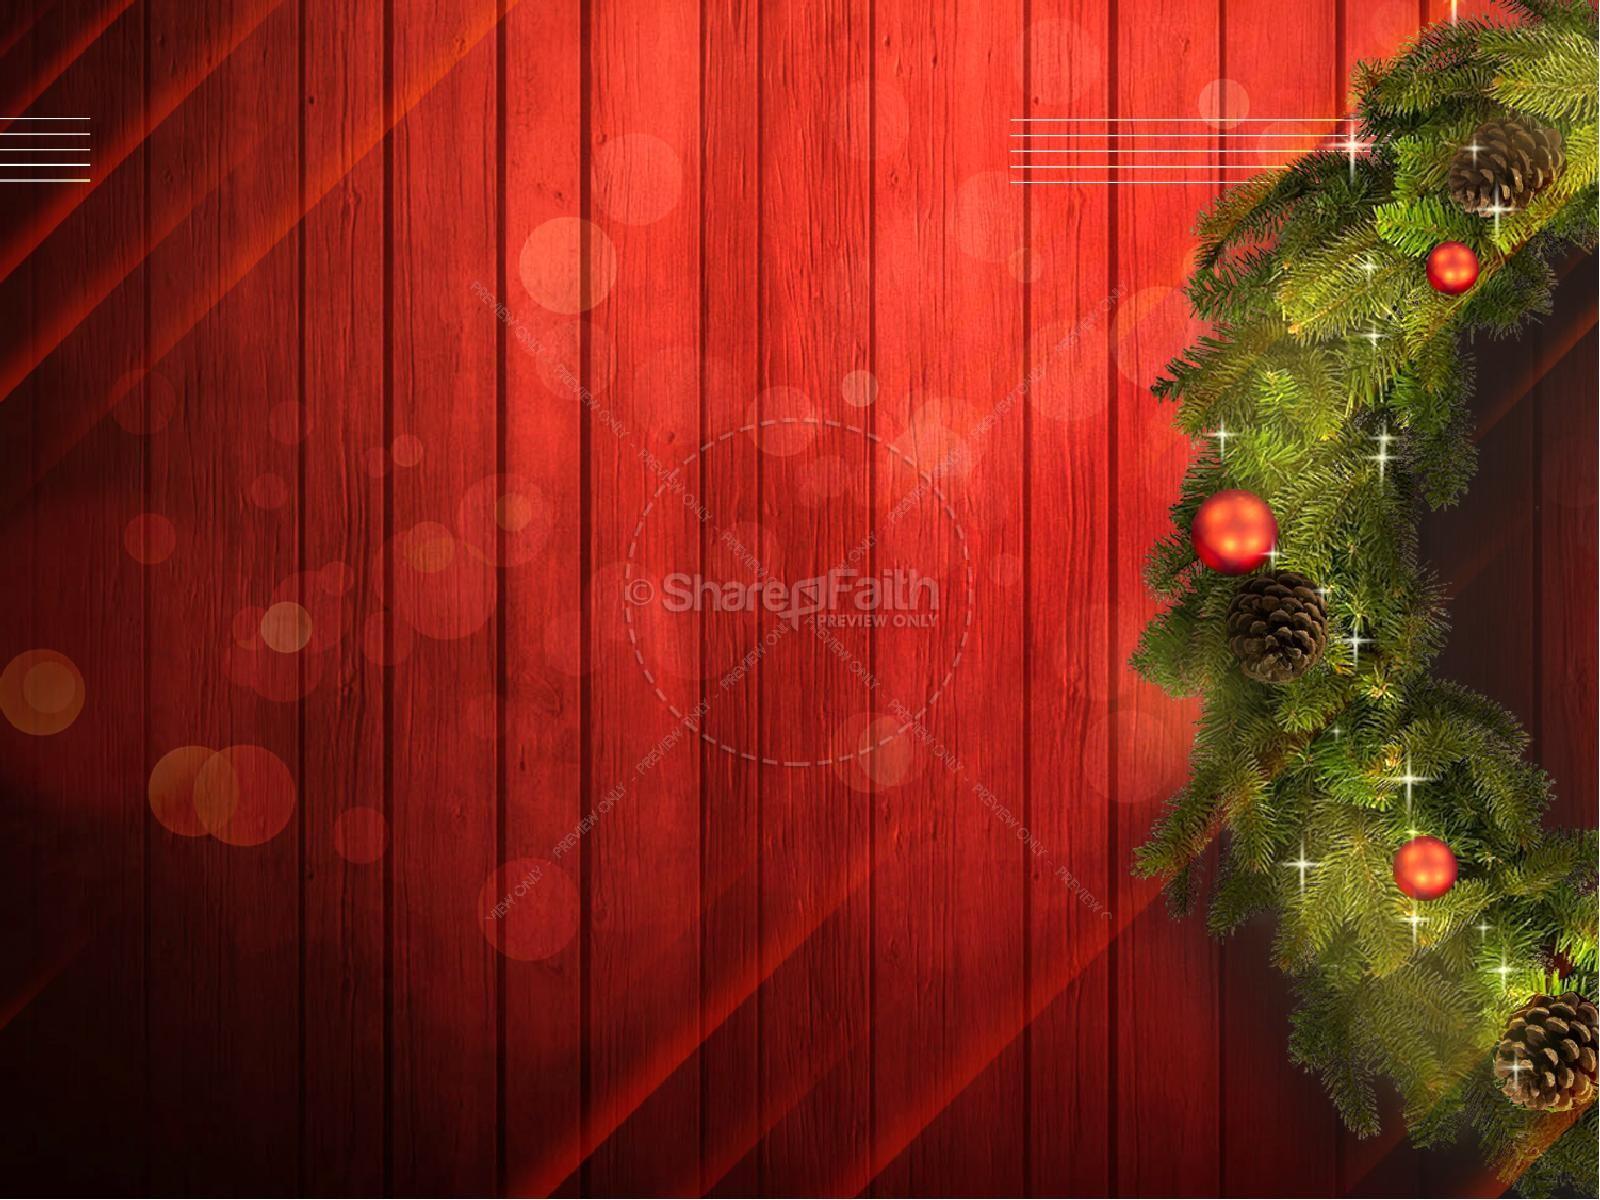 Christian Christmas Clip Art And Graphics